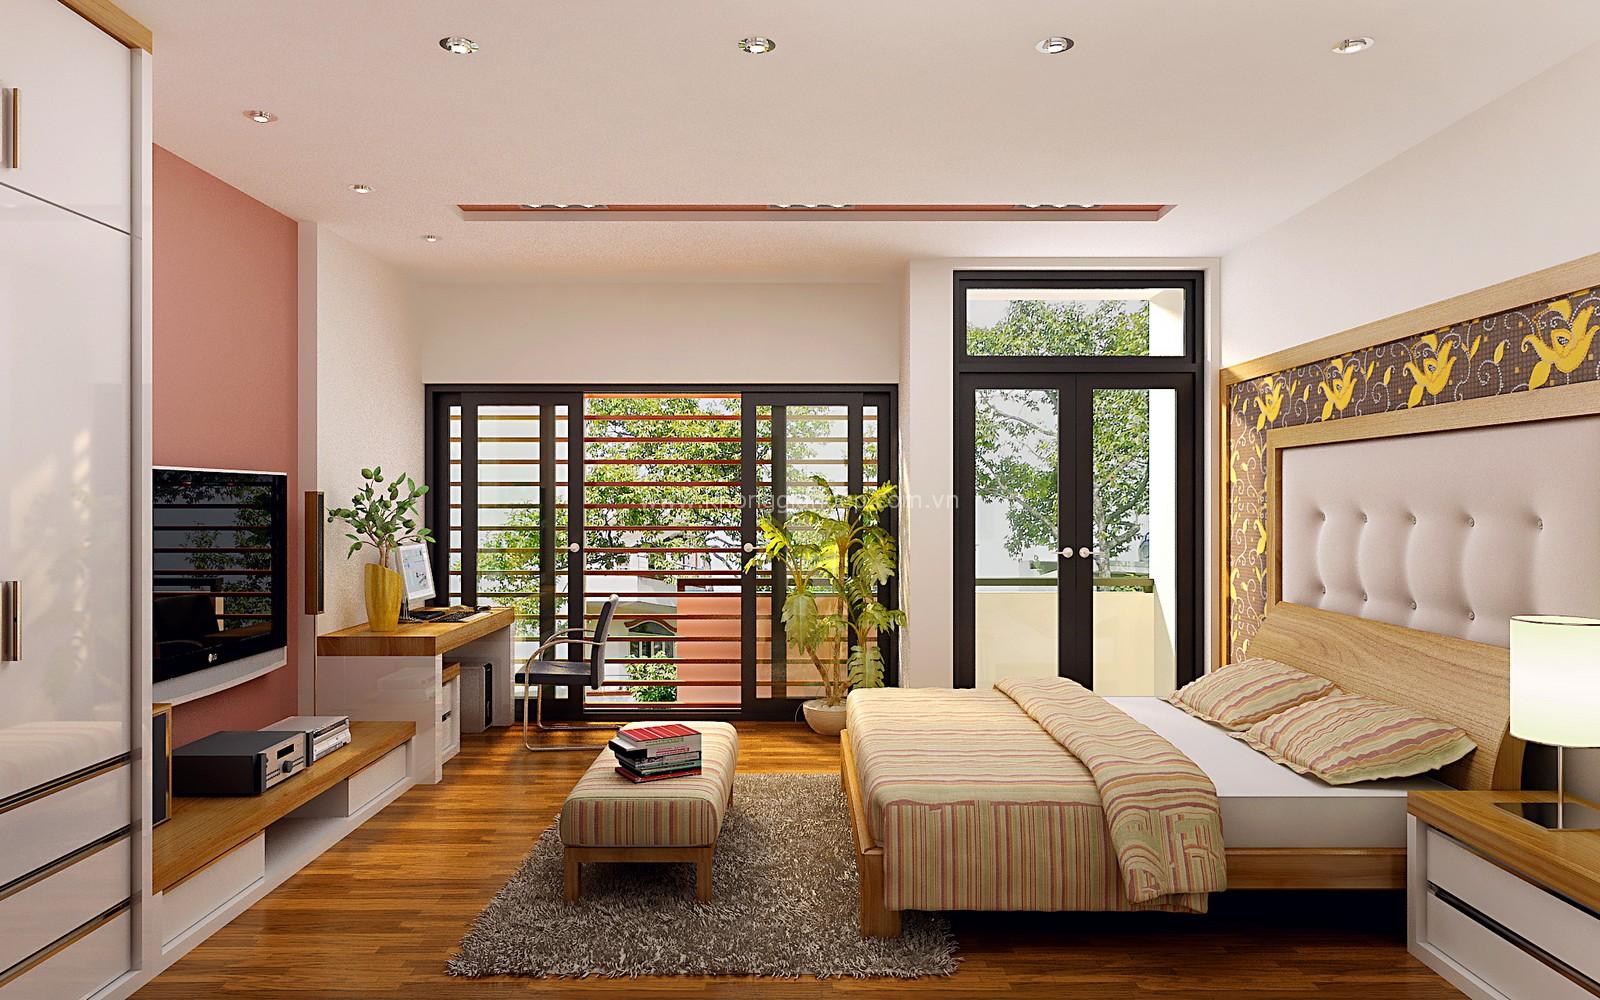 Phòng ngủ không nên có nhiều cửa sổ